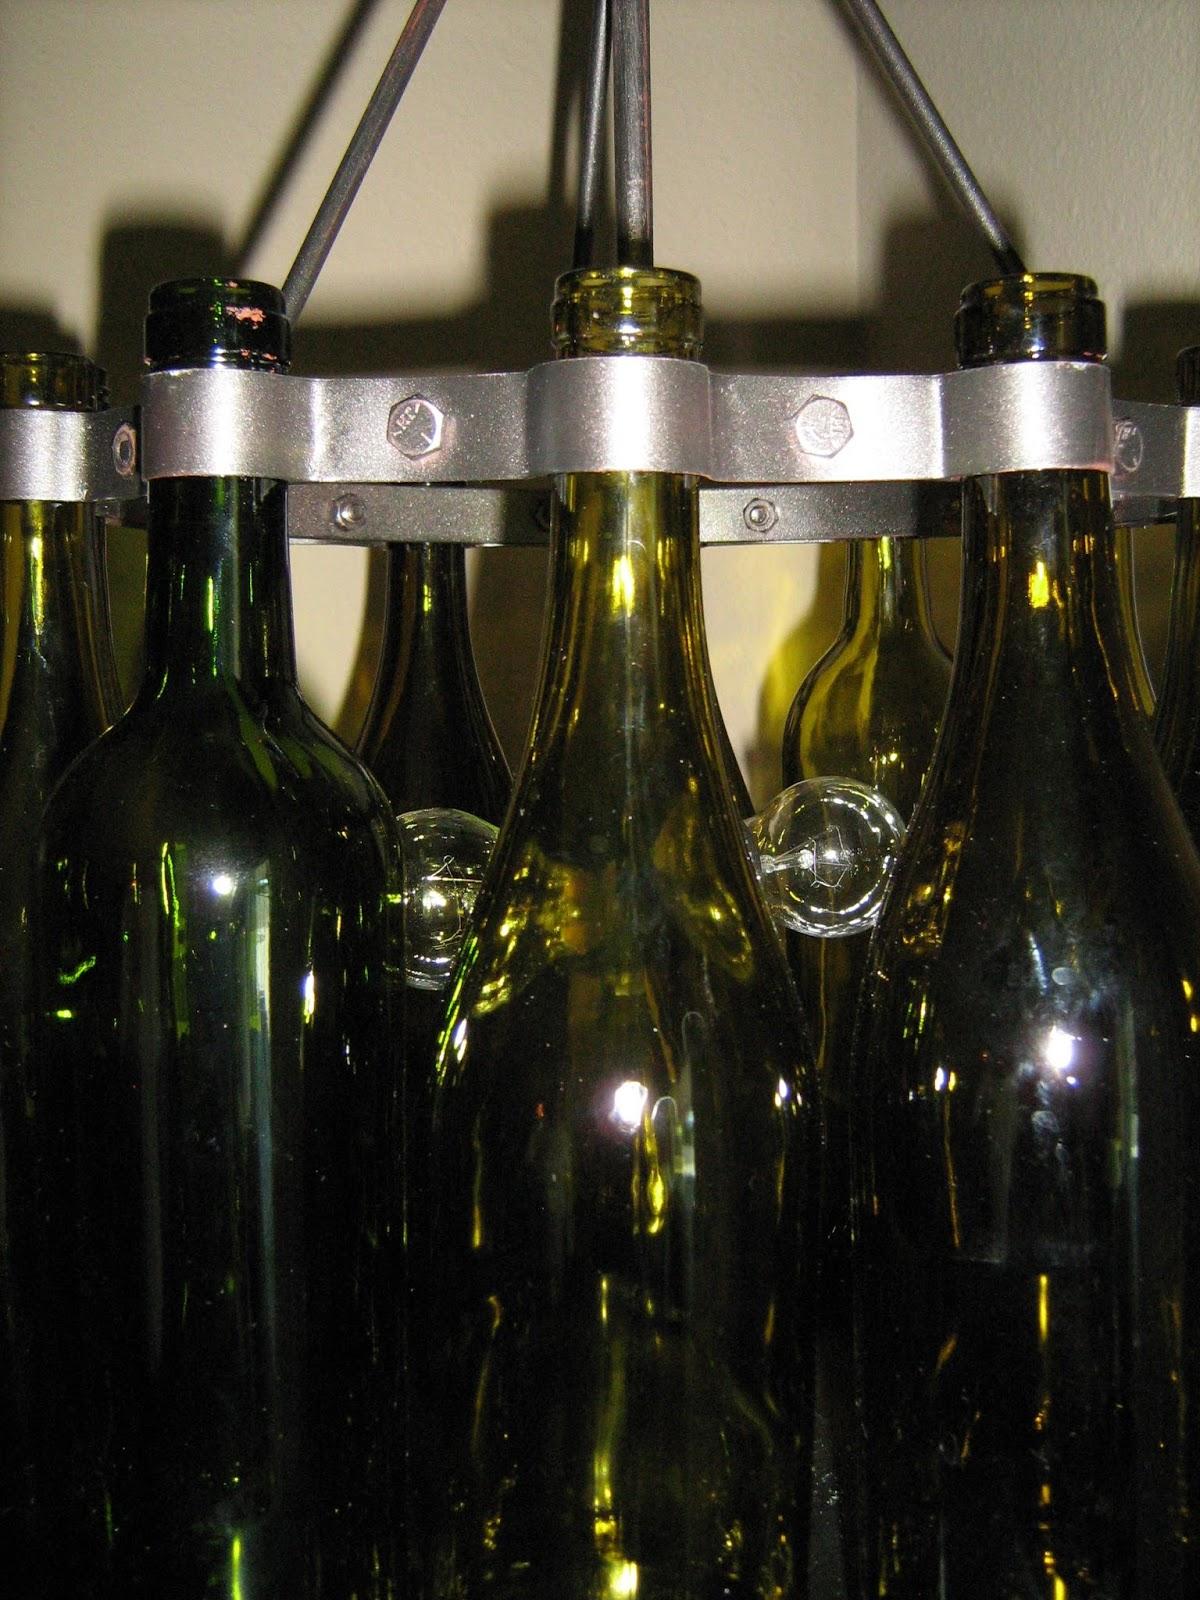 Kindred style wine bottle chandelier - Wine bottle light fixture chandelier ...